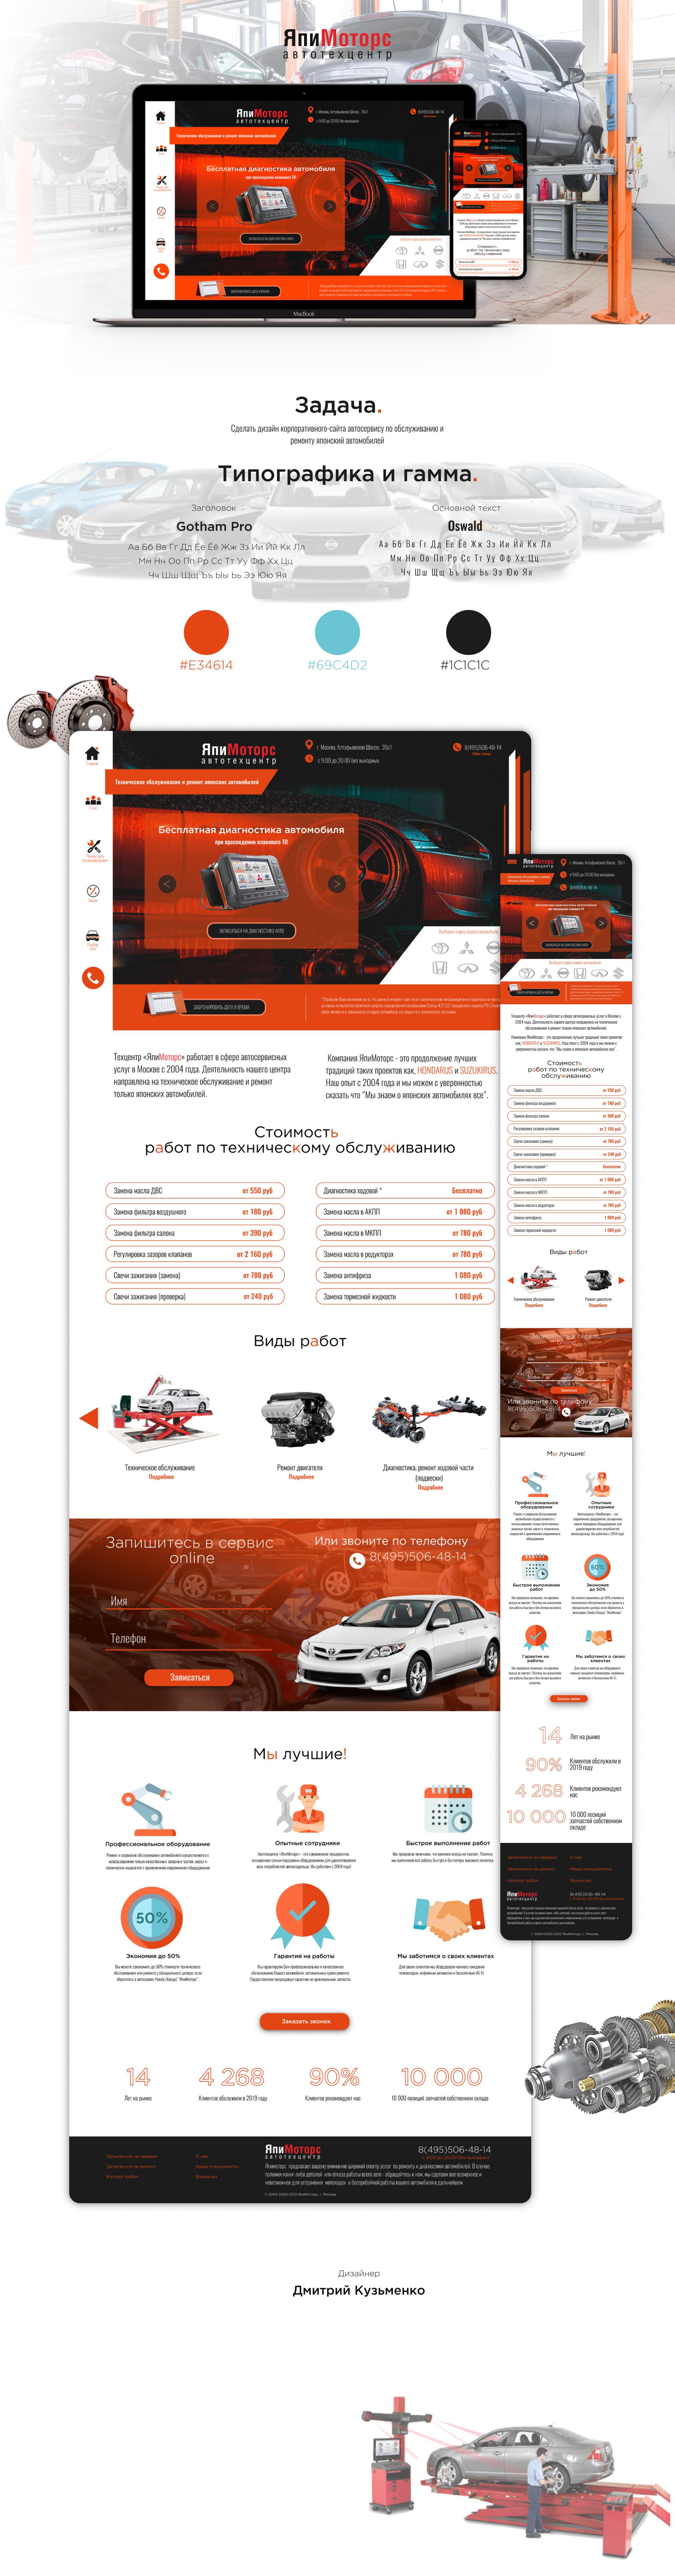 Дизайн сайта для автосервиса